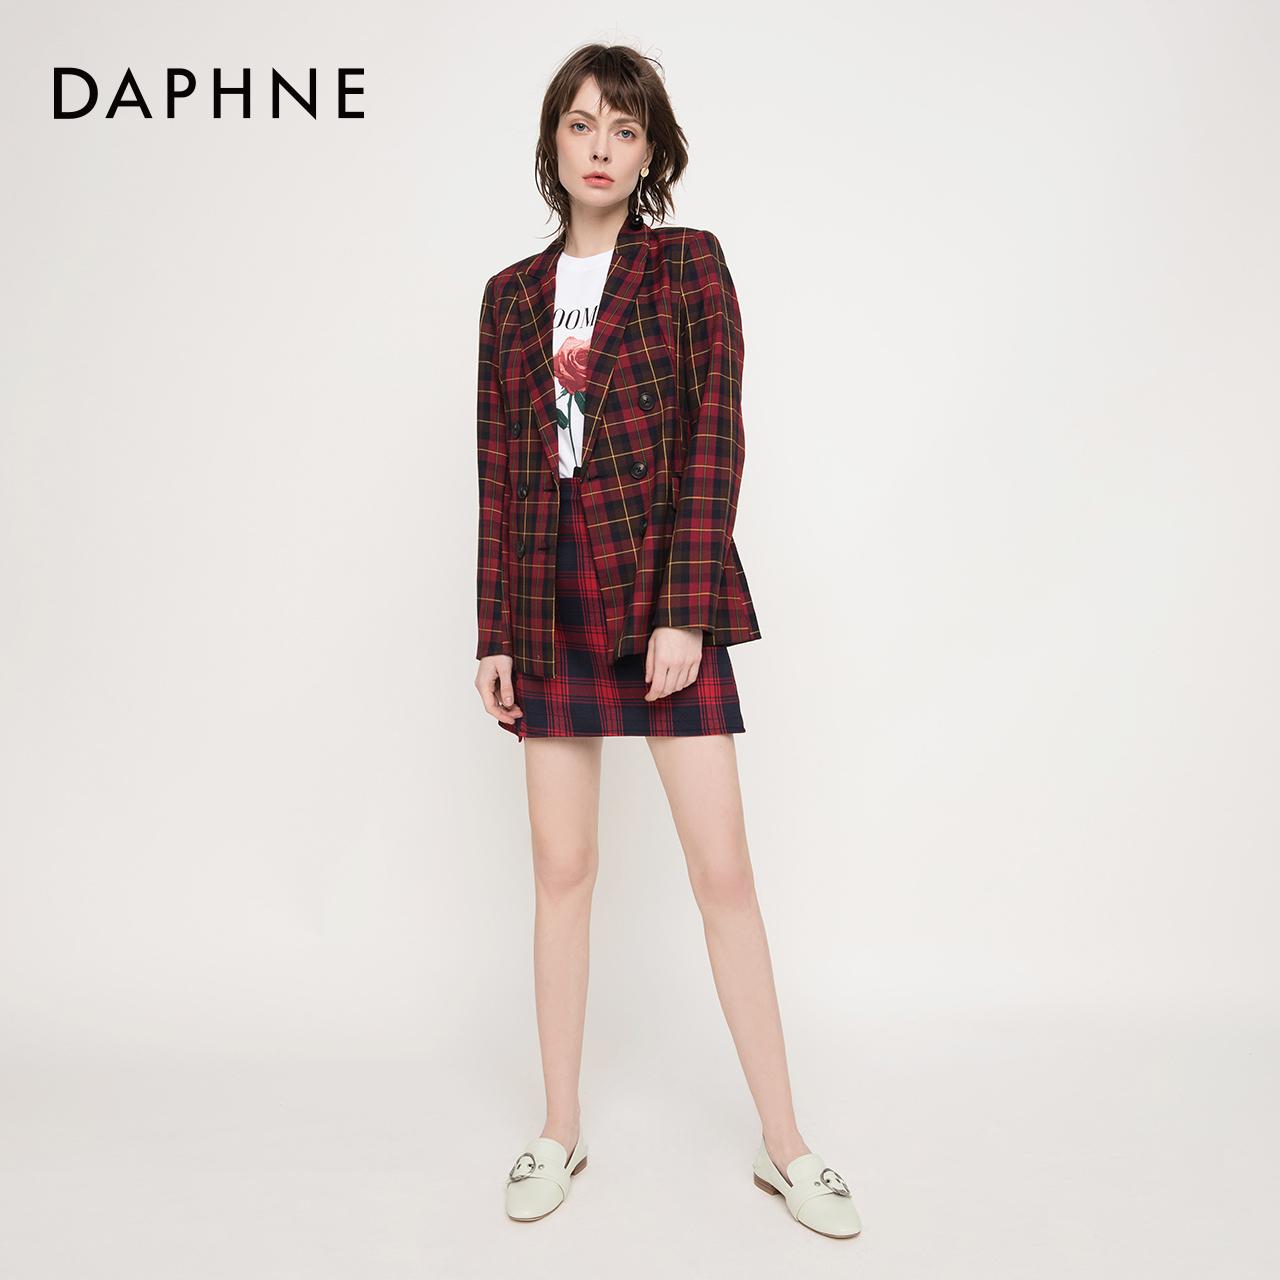 春新款休闲学院率姓饰扣两穿踩脚低跟乐福鞋女 2019 达芙妮 Daphne